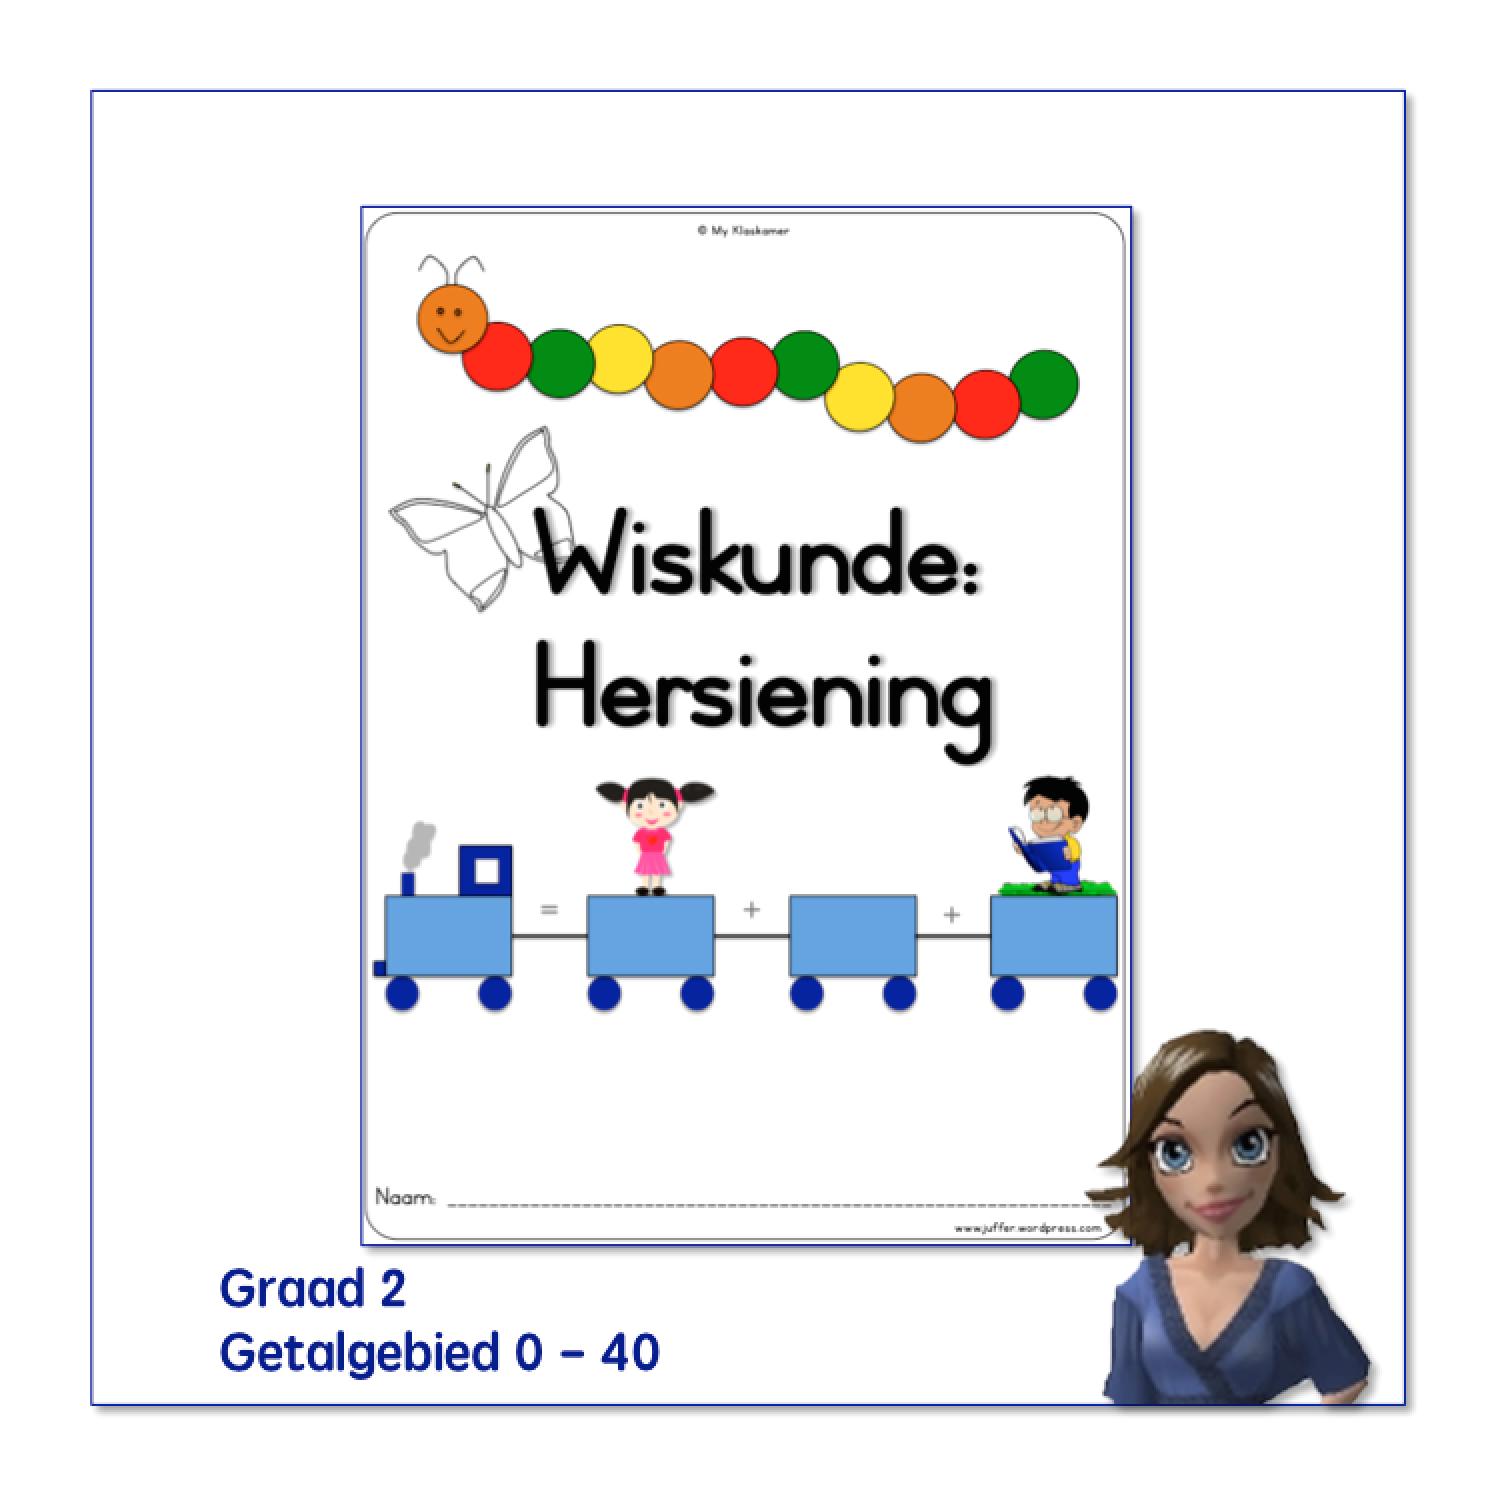 Wiskunde Huiswerk on Lopende Skrif